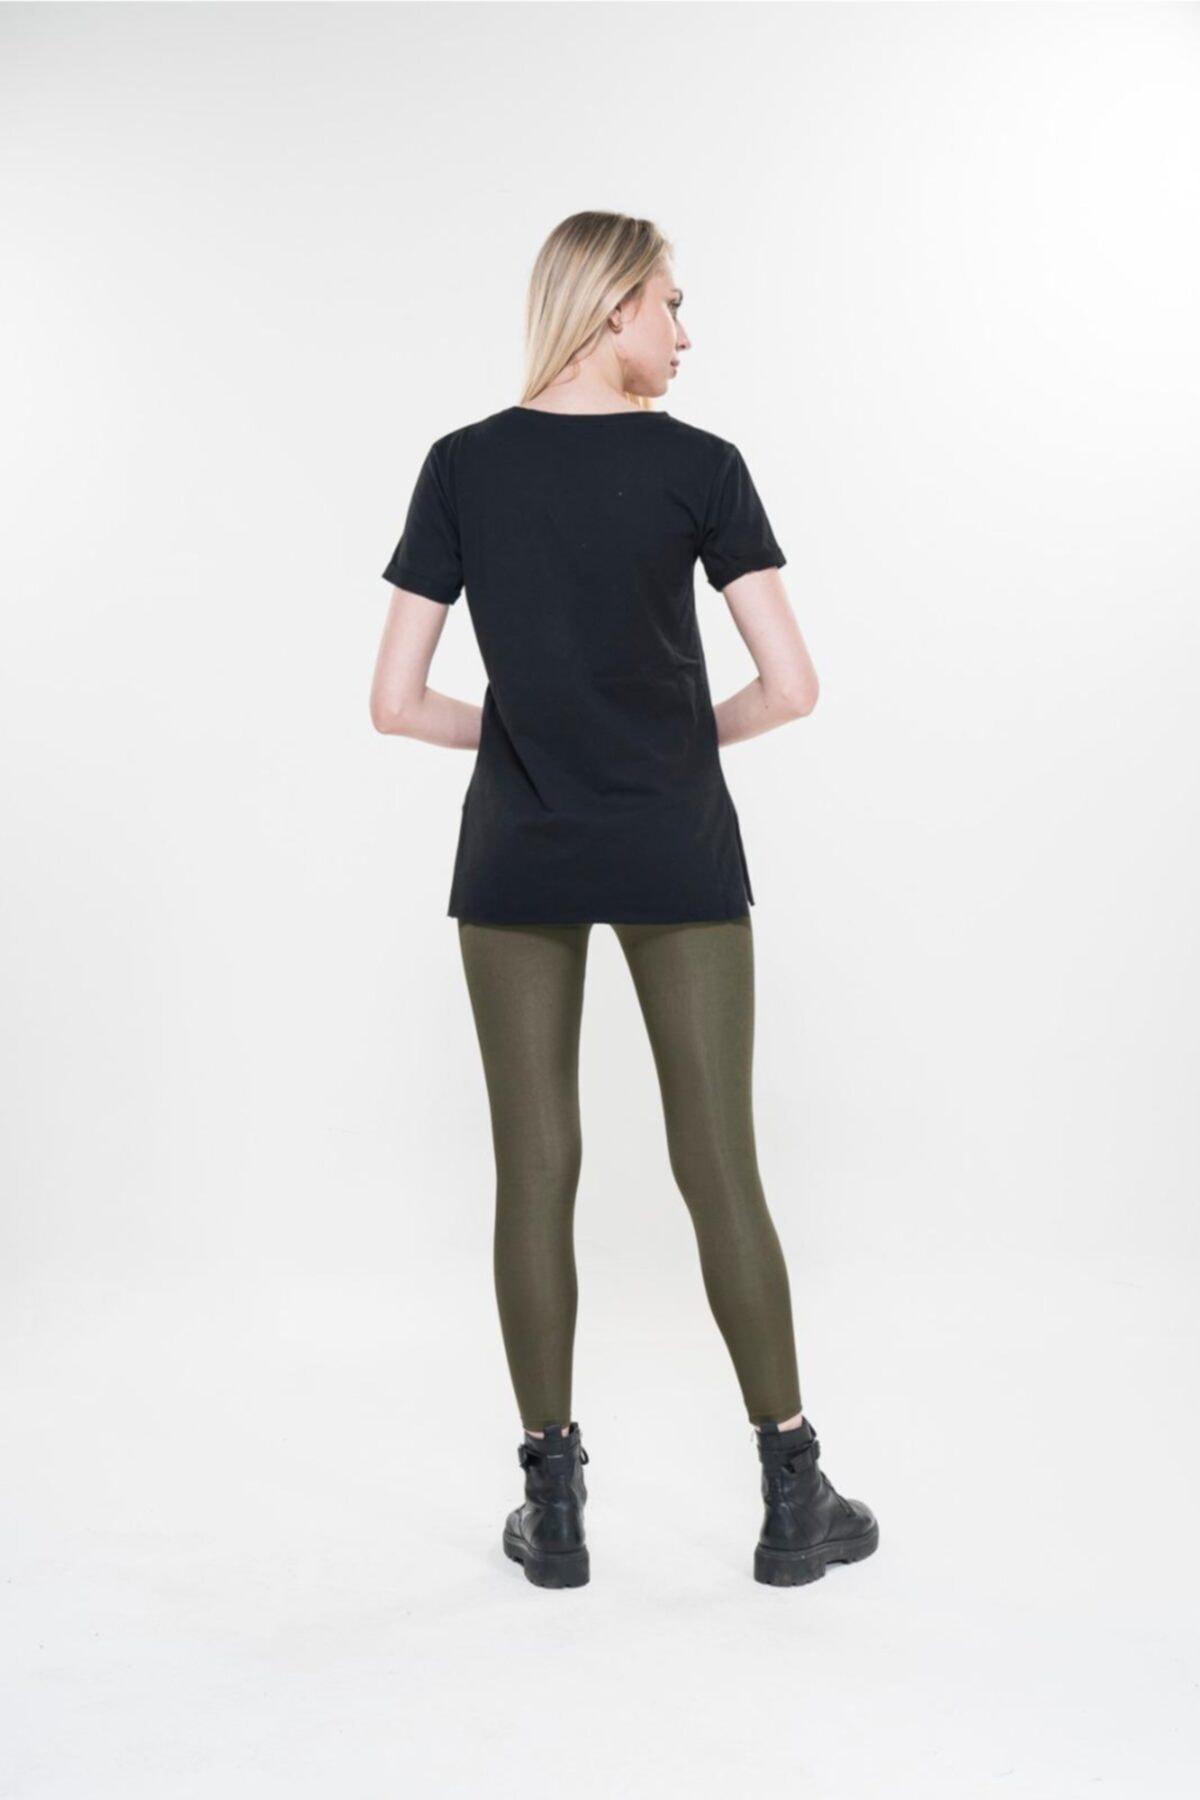 Boutique Calidad by Paris Kadın Yanları Yırtmaçlı V Yaka Tshirt 2